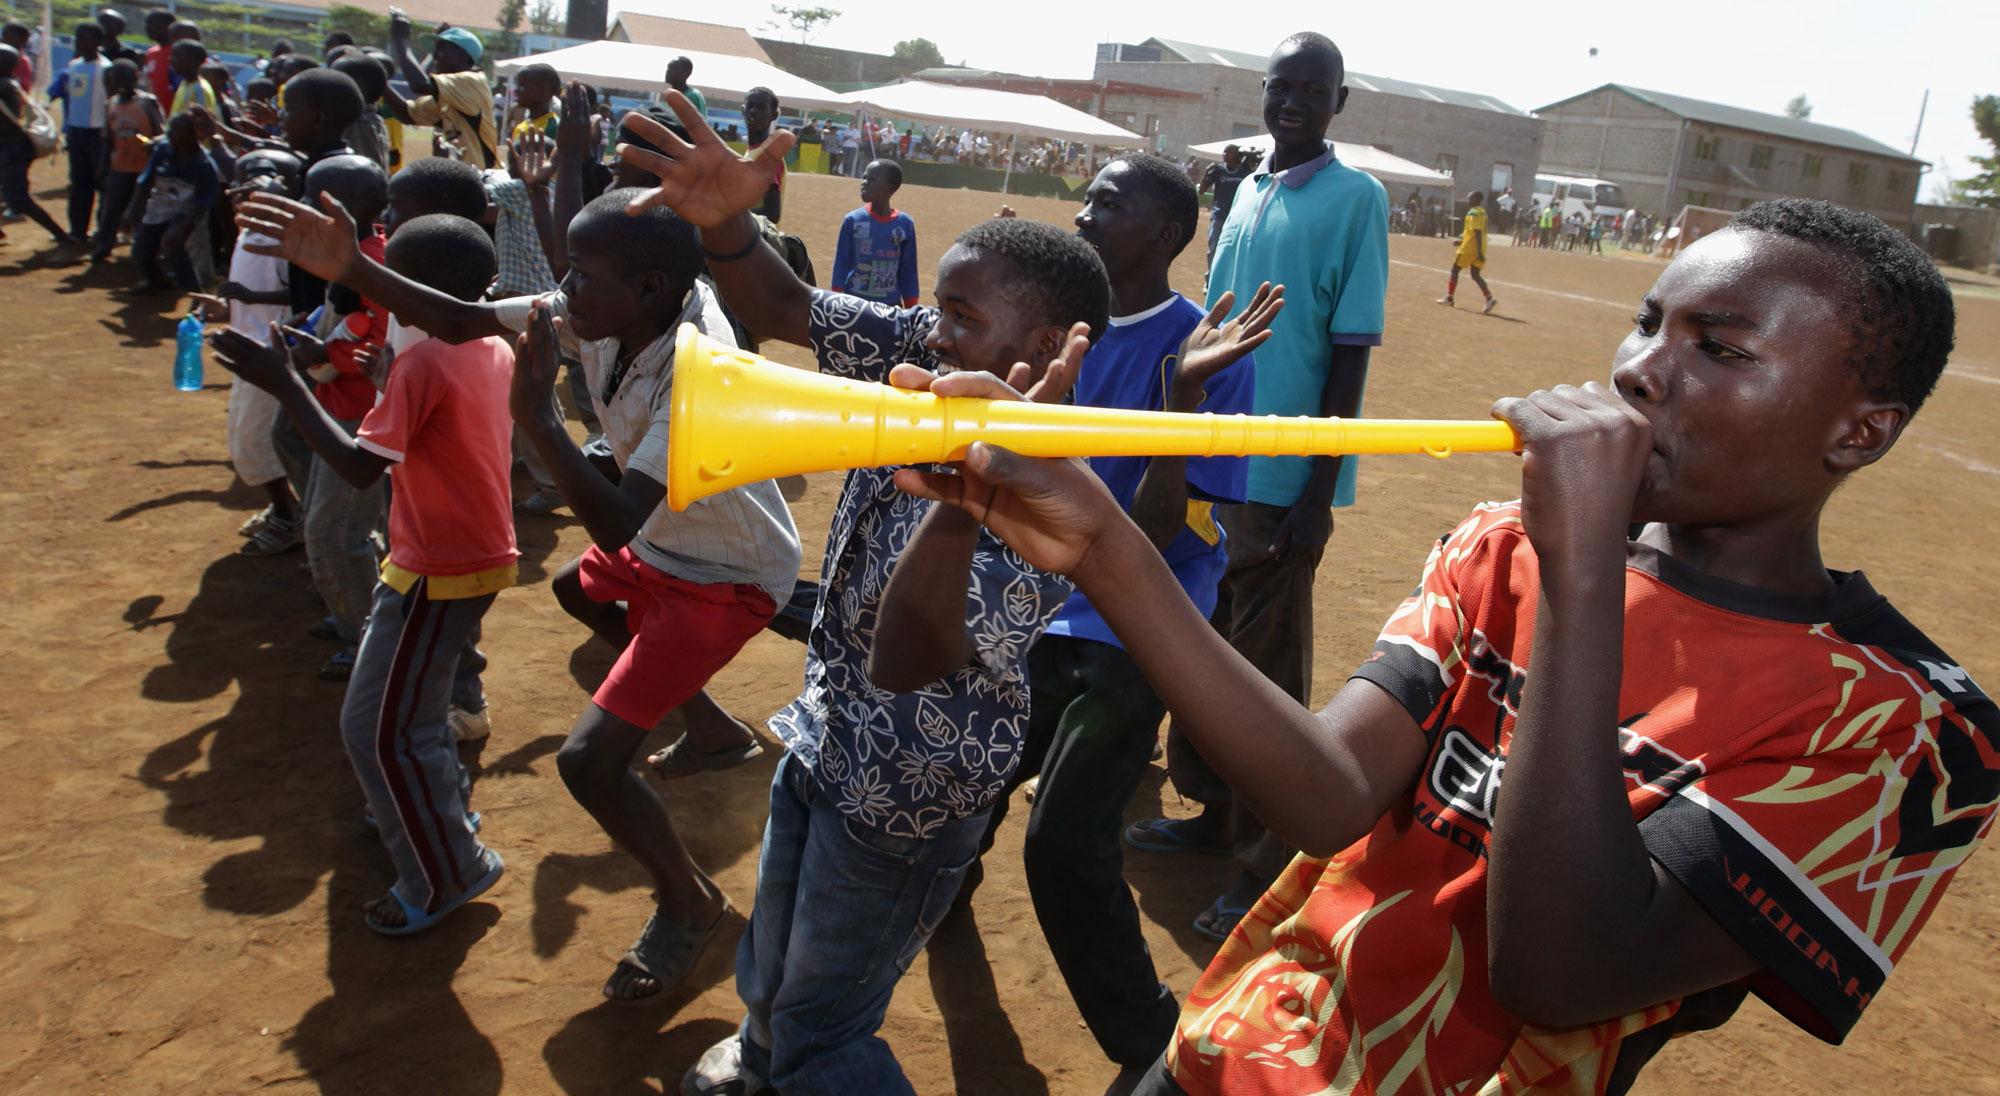 Aficionado del fútbol en Kenia